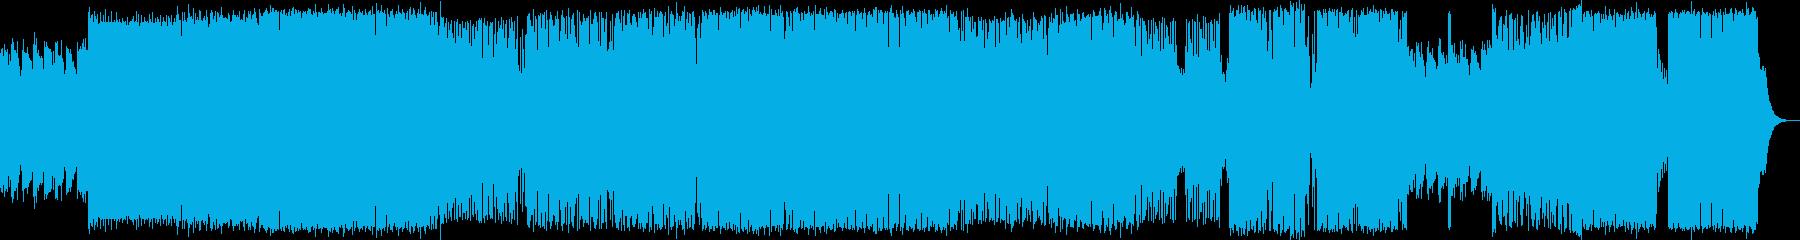 90年代のハードコア・テクノの再生済みの波形